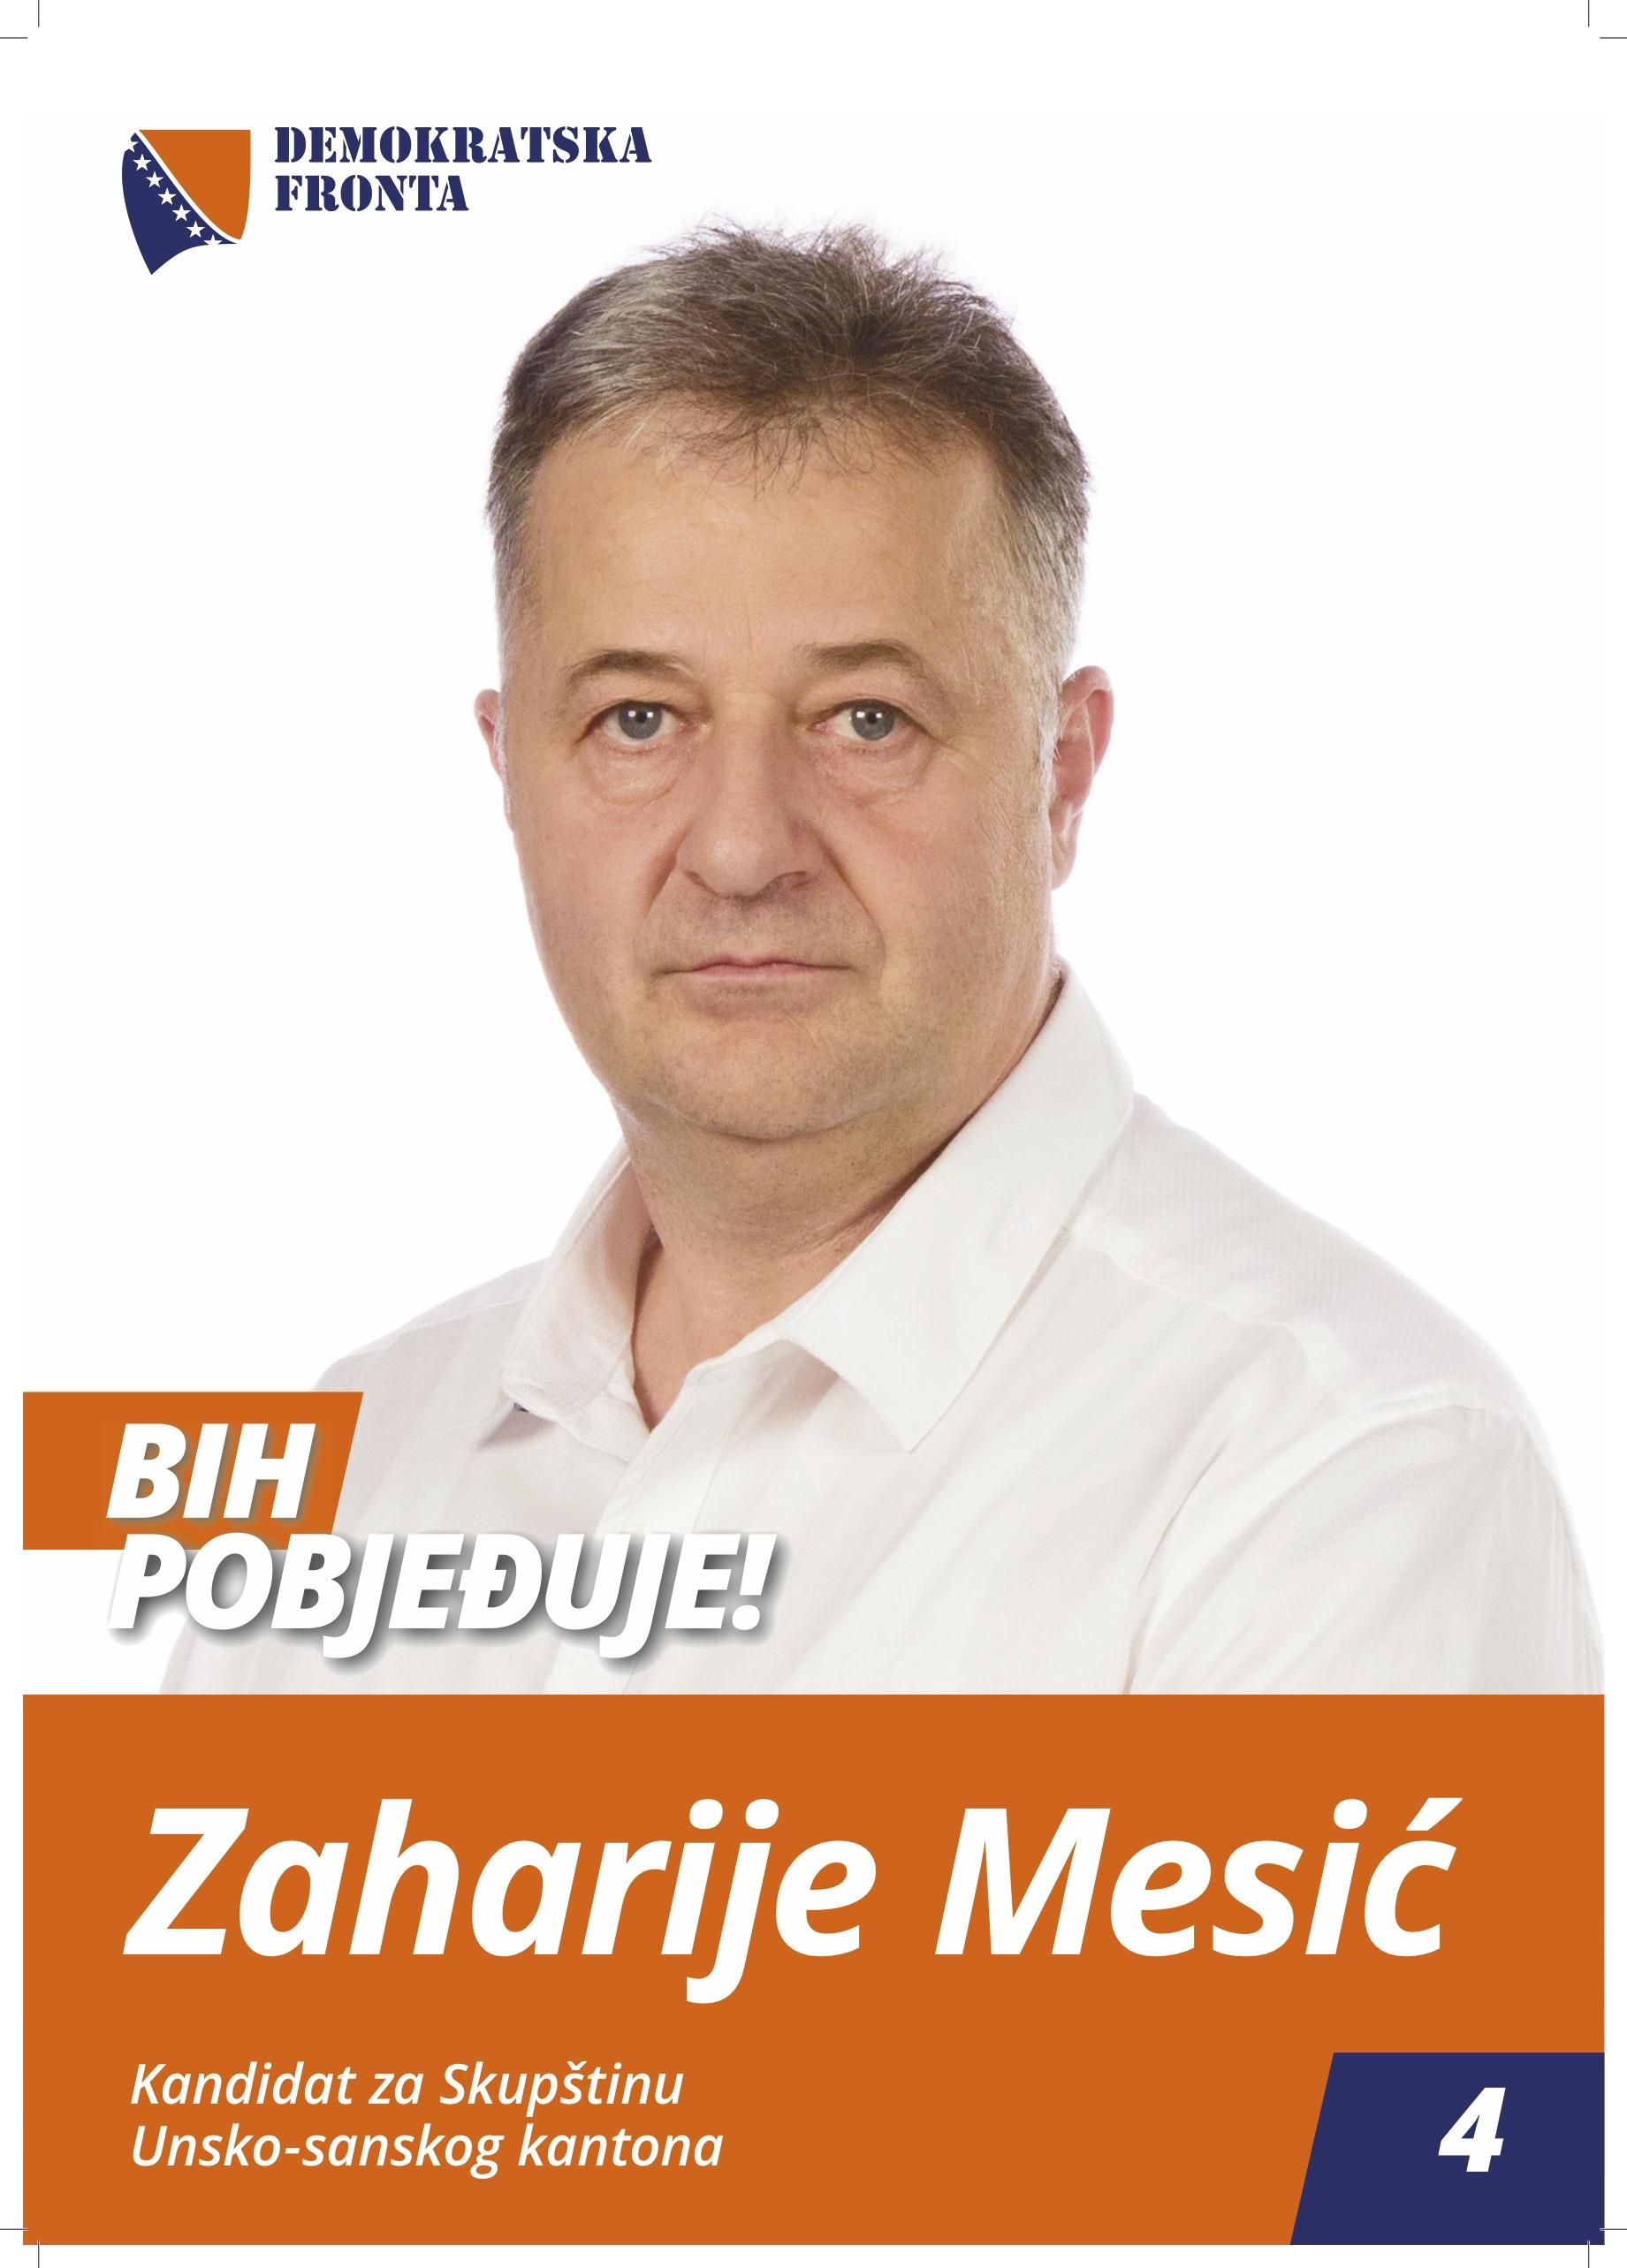 Zaharije Mesić, viši radiološki tehničar